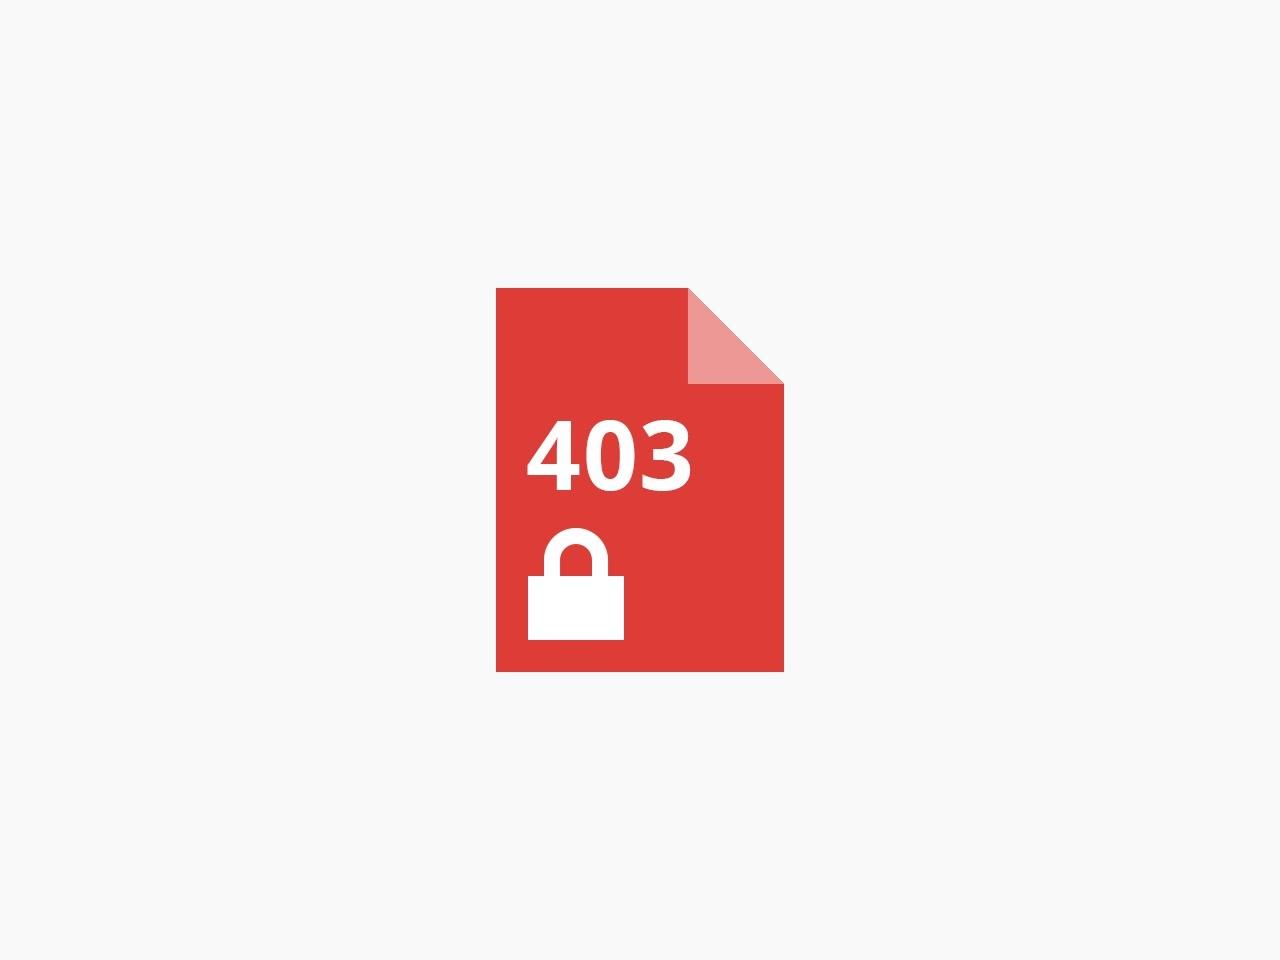 华律网_方便快捷法律在线咨询网站